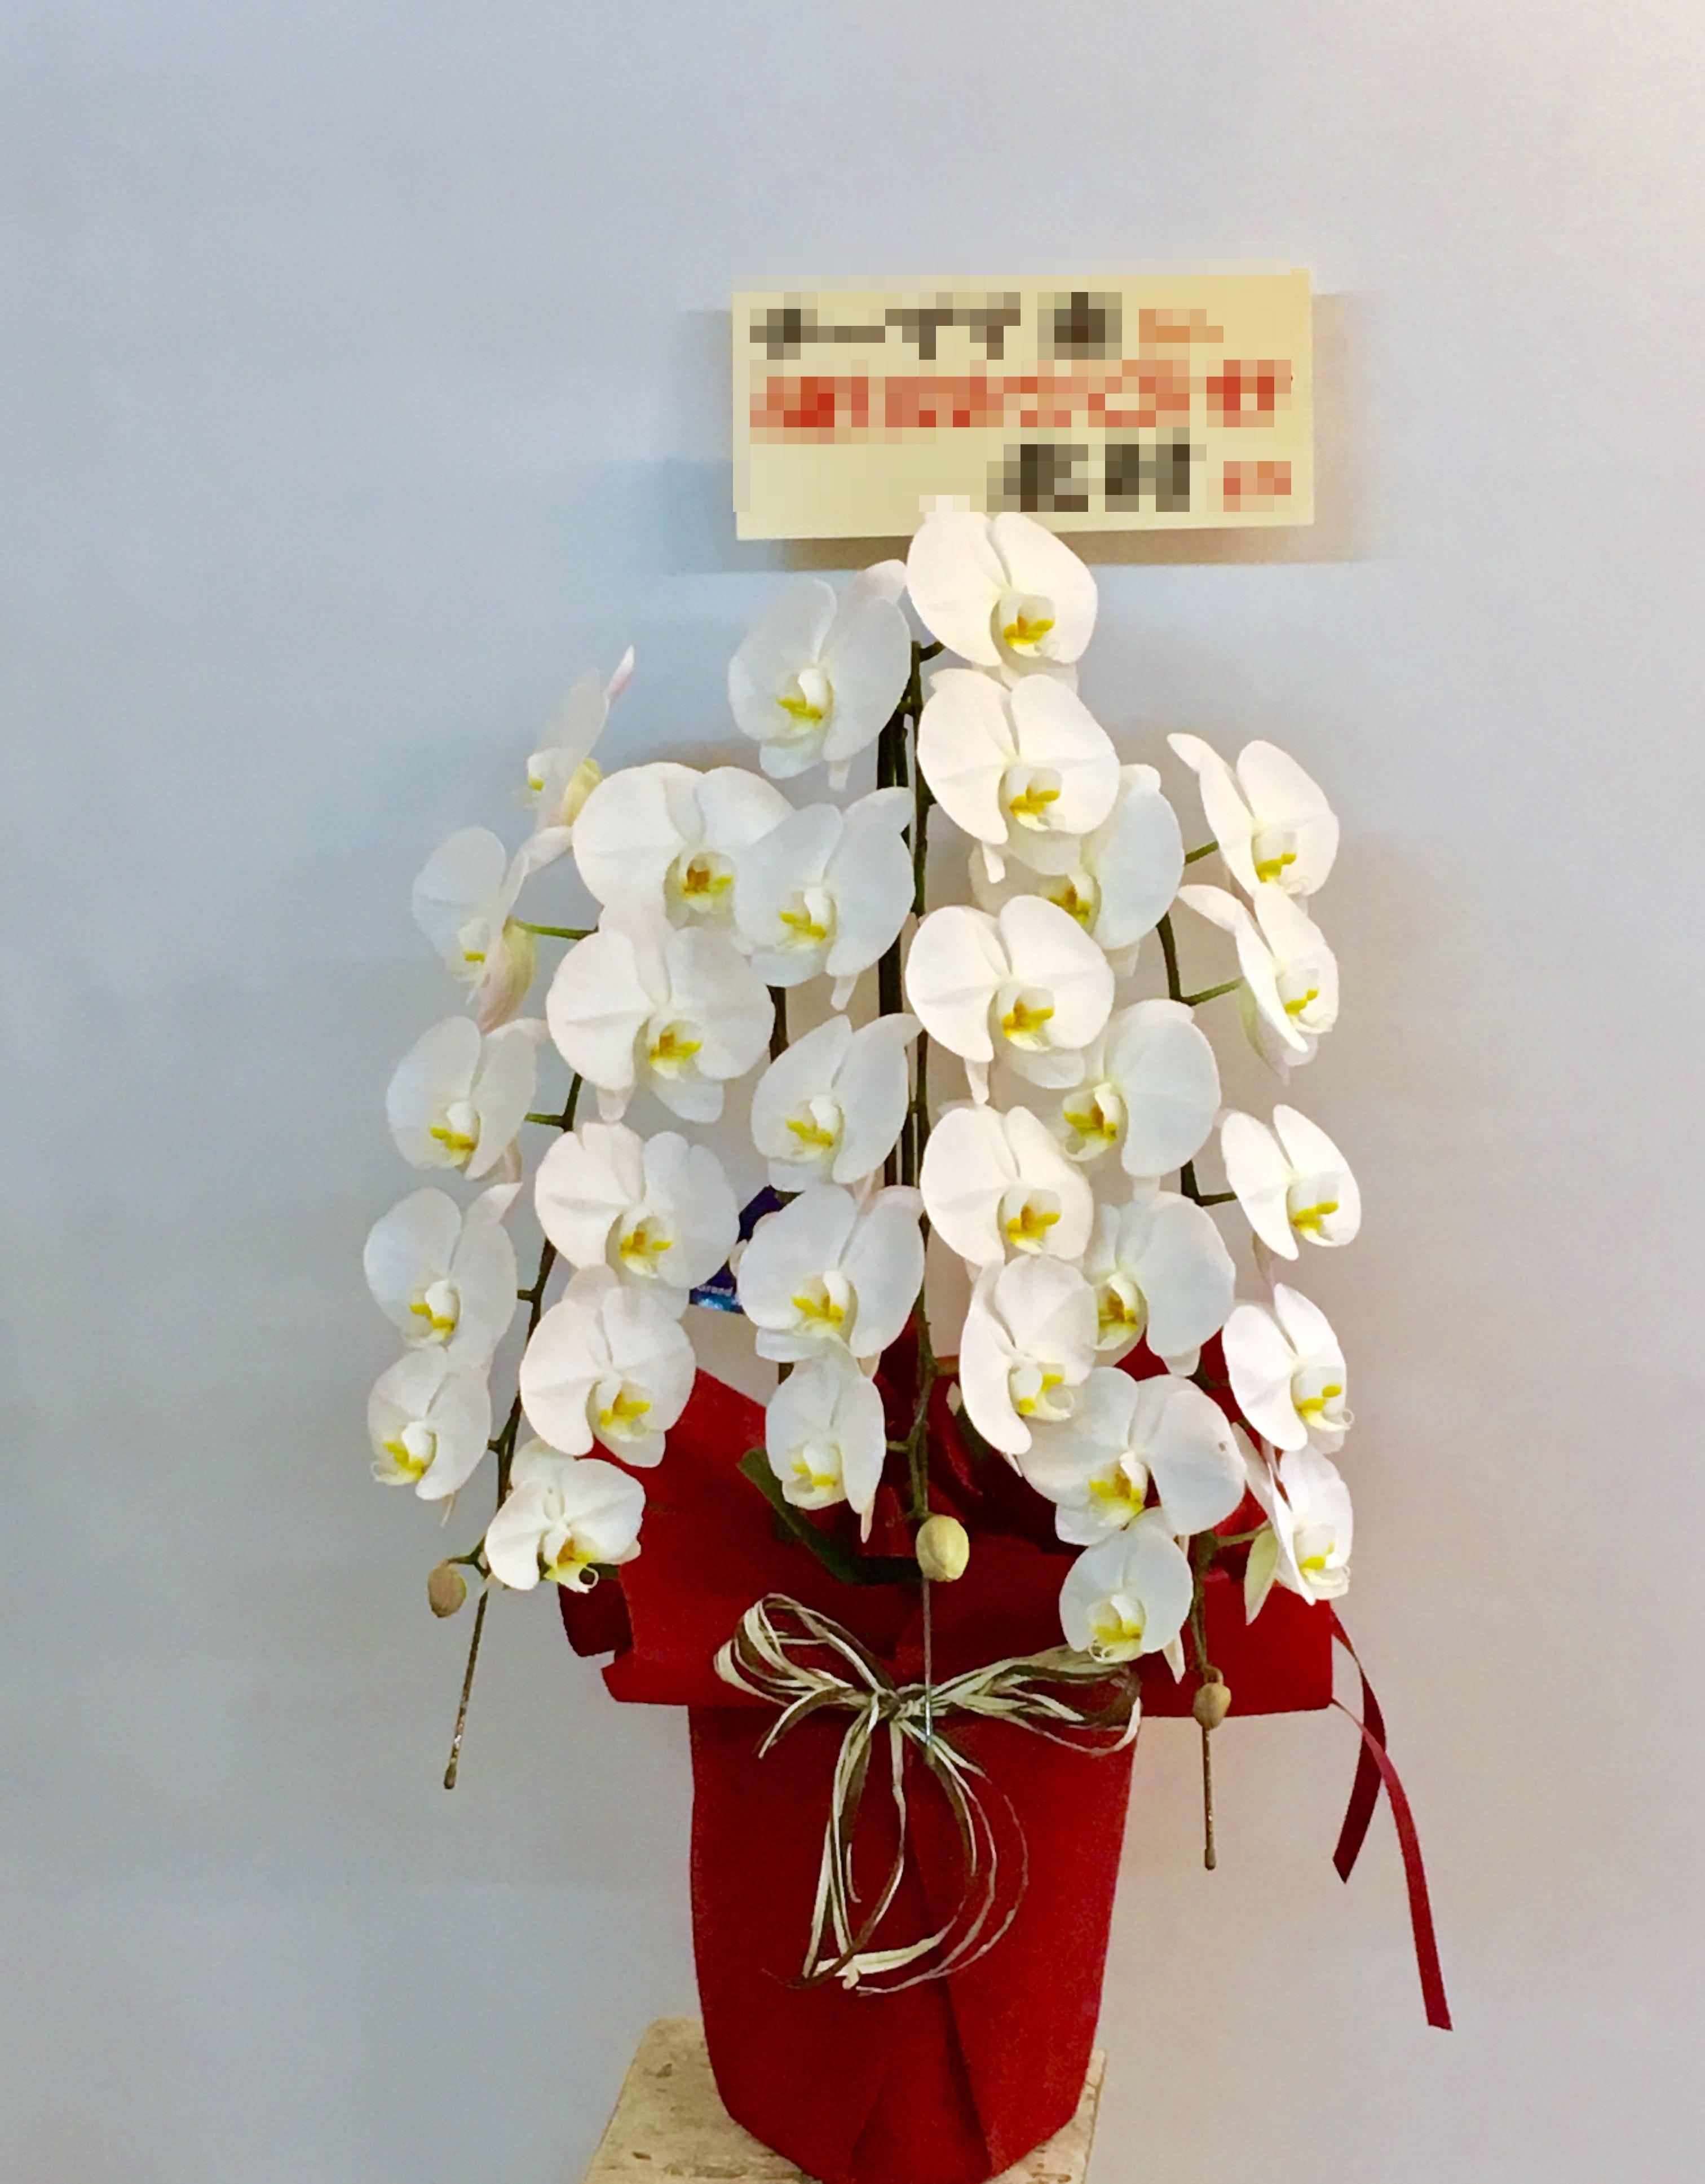 【ナオ花屋の納品事例35】横浜市関内の夜間営業飲食店様へ胡蝶蘭を配達しました!